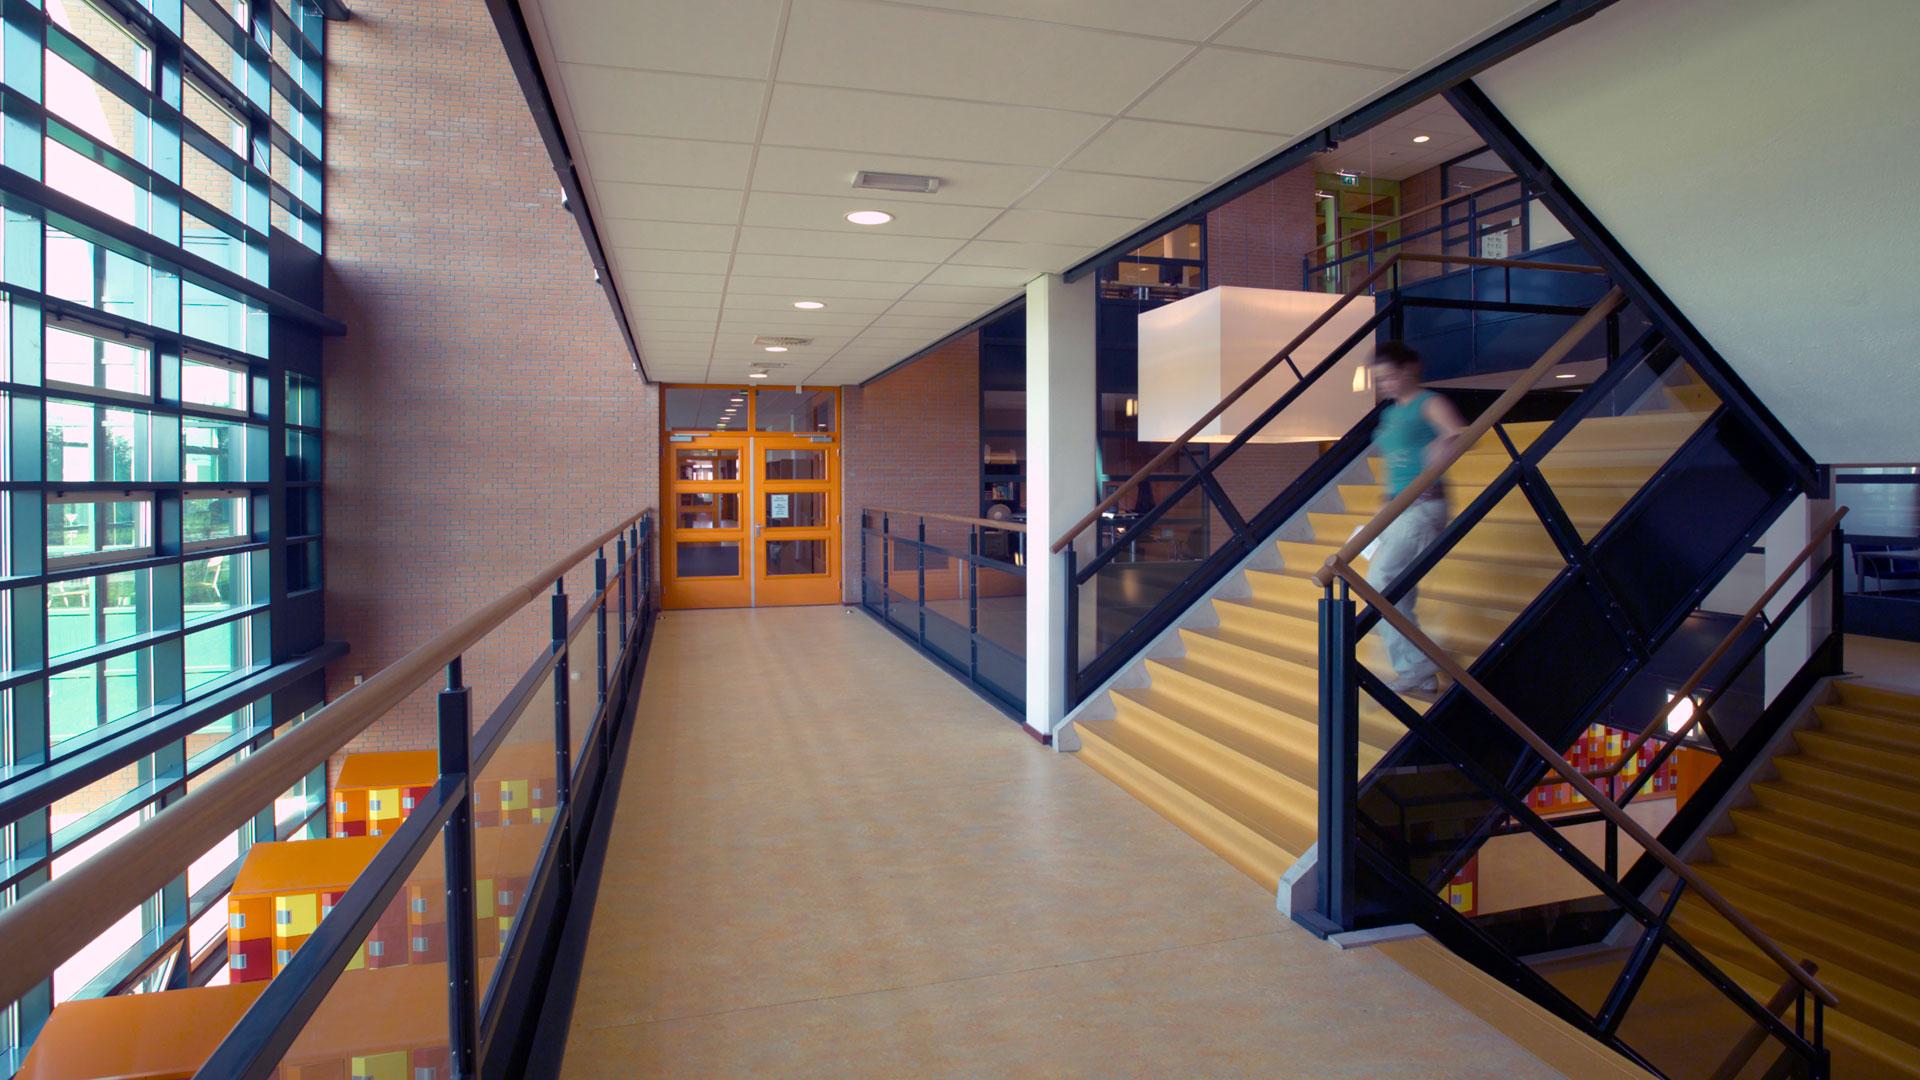 3888 waalwijk willem van oranje college interieur overloop zwevend web